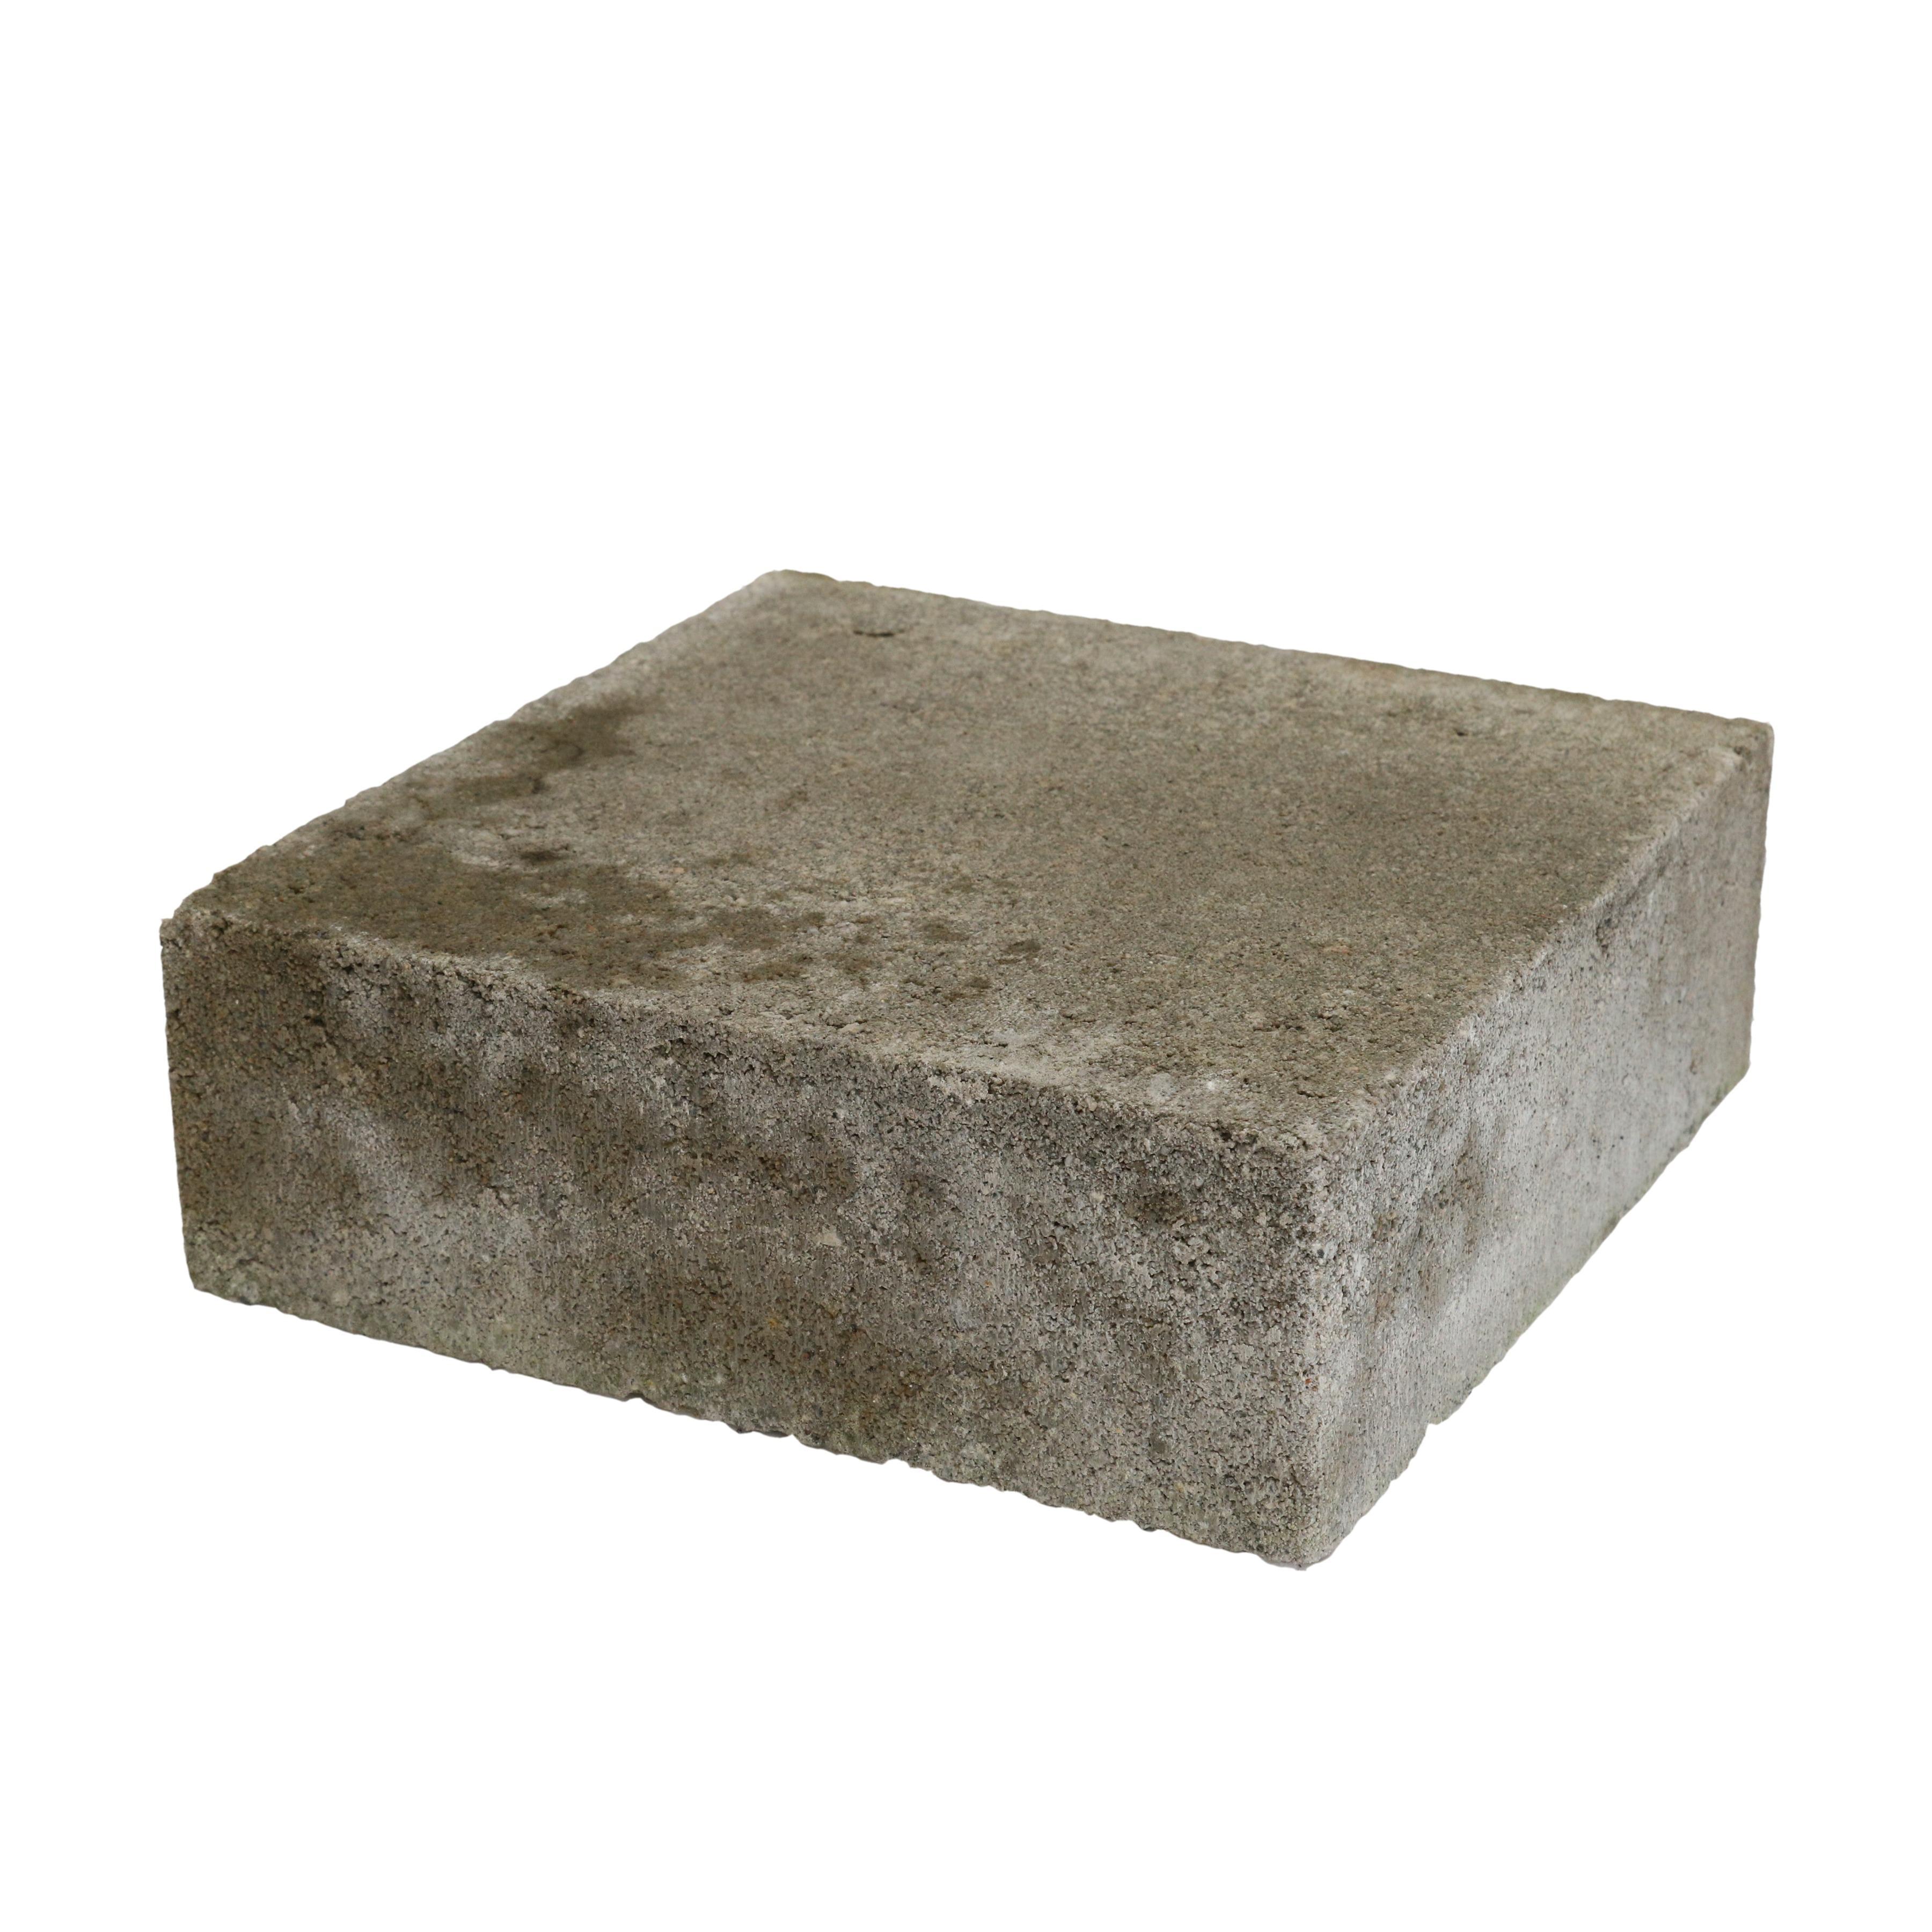 Trommelsteen Beton Plano Grijs 21x21x7 cm - 162 Stuks - 6,48 m2